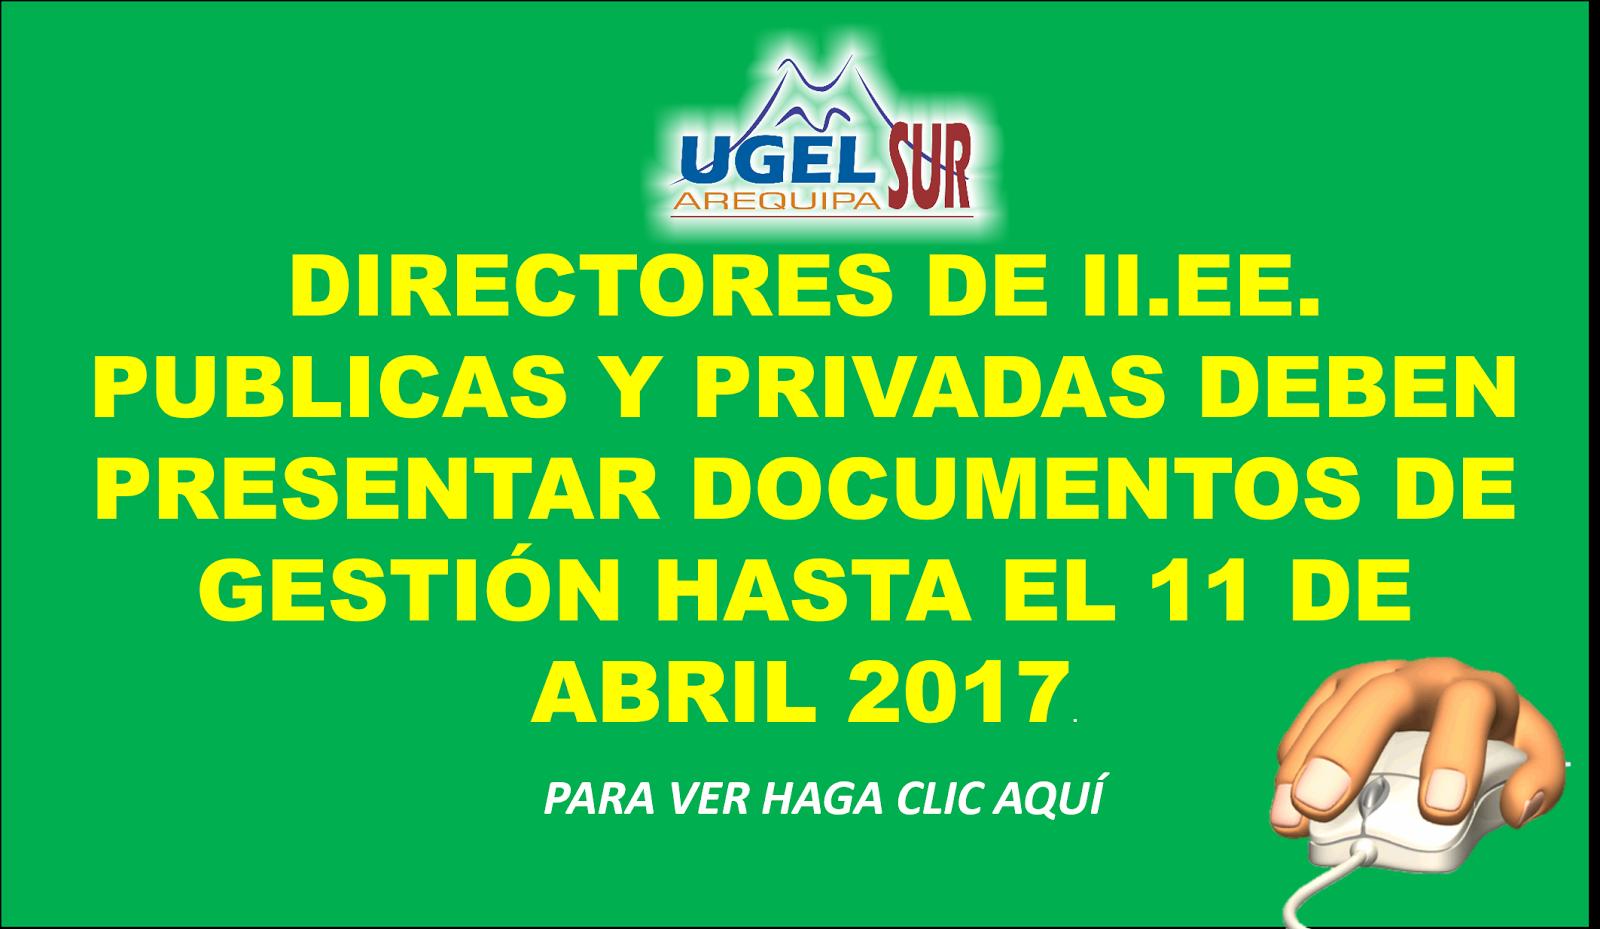 DIRECTORES DE II.EE. PUBLICAS Y PRIVADAS DEBEN PRESENTAR DOCUMENTOS DE GESTIÓN HASTA EL 11 DE ABRIL